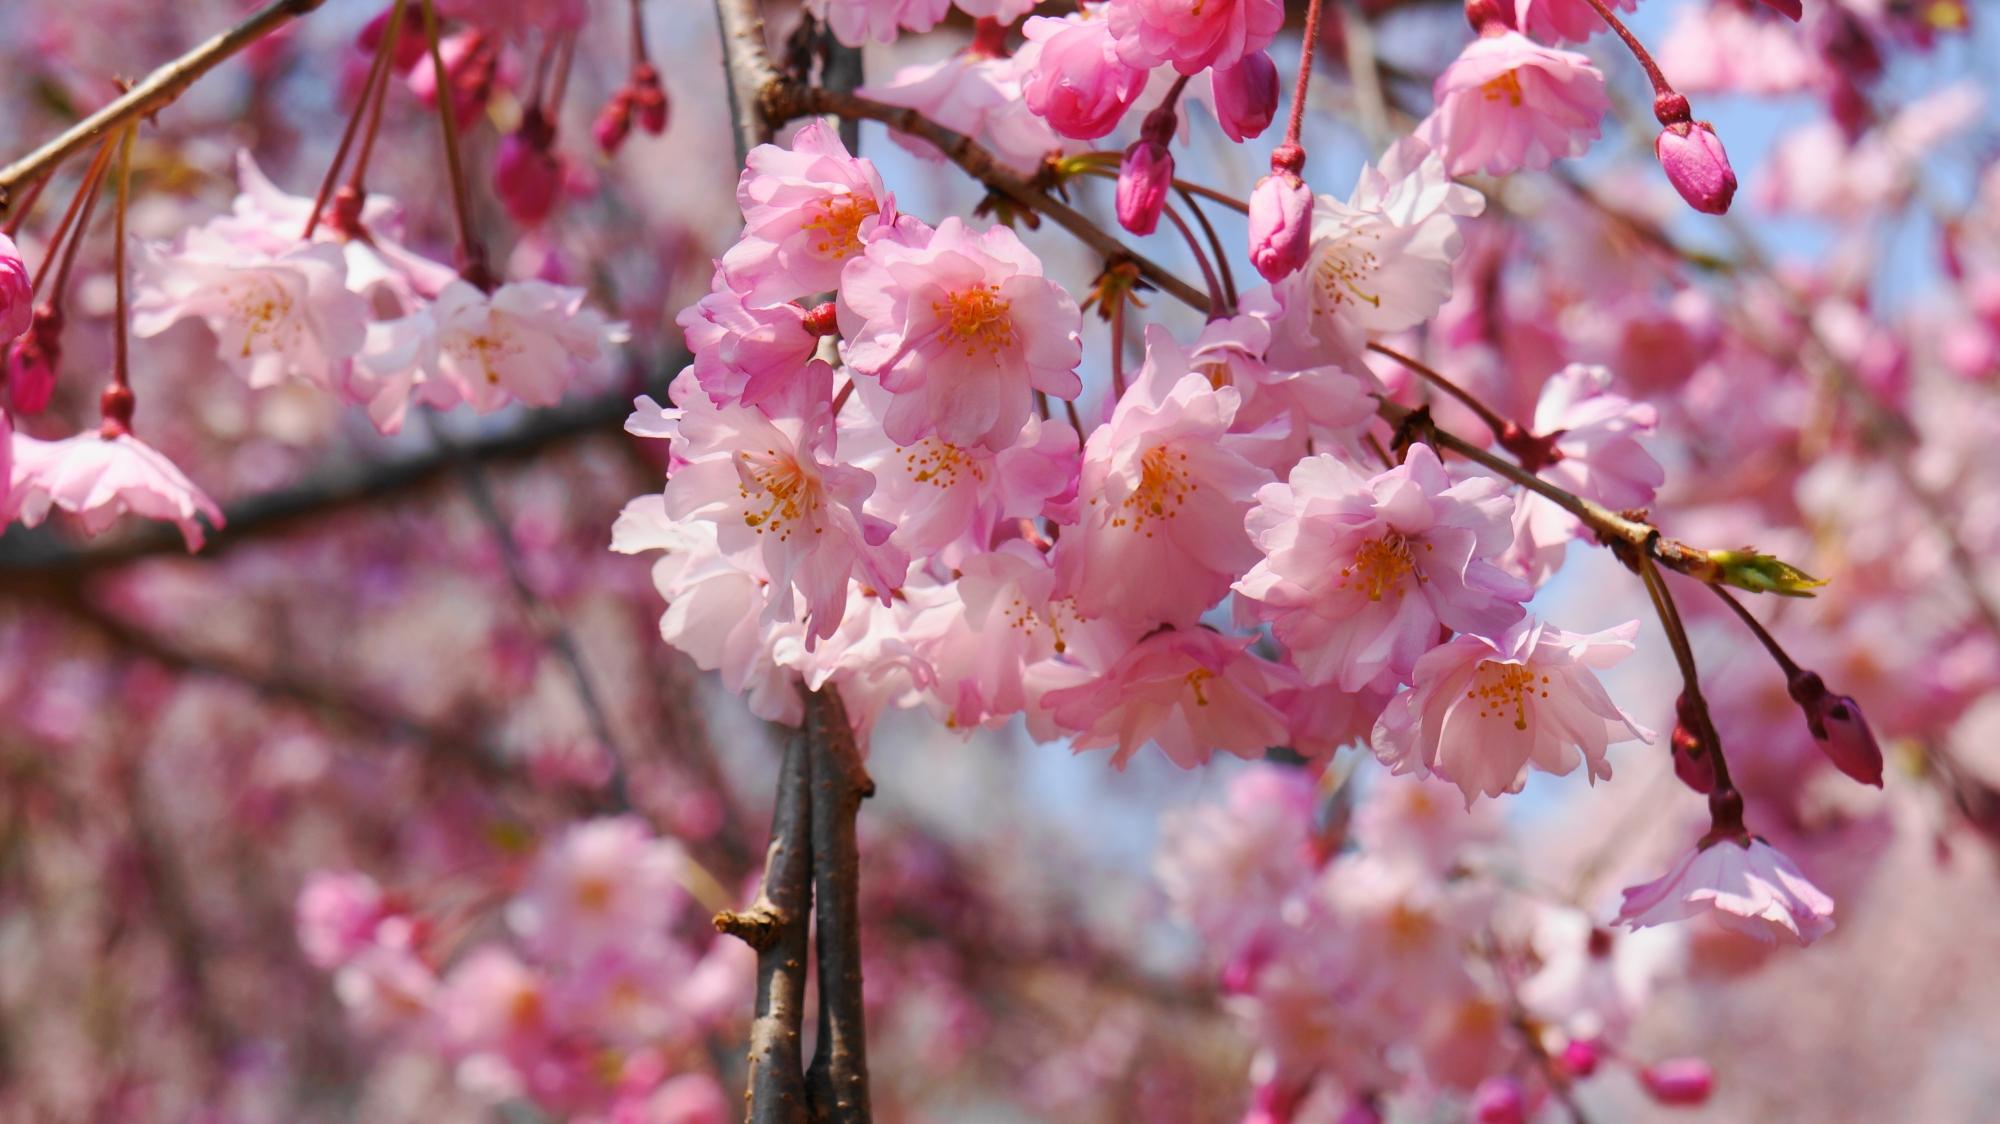 淡い色合いから濃い目の色合いまでの様々な花